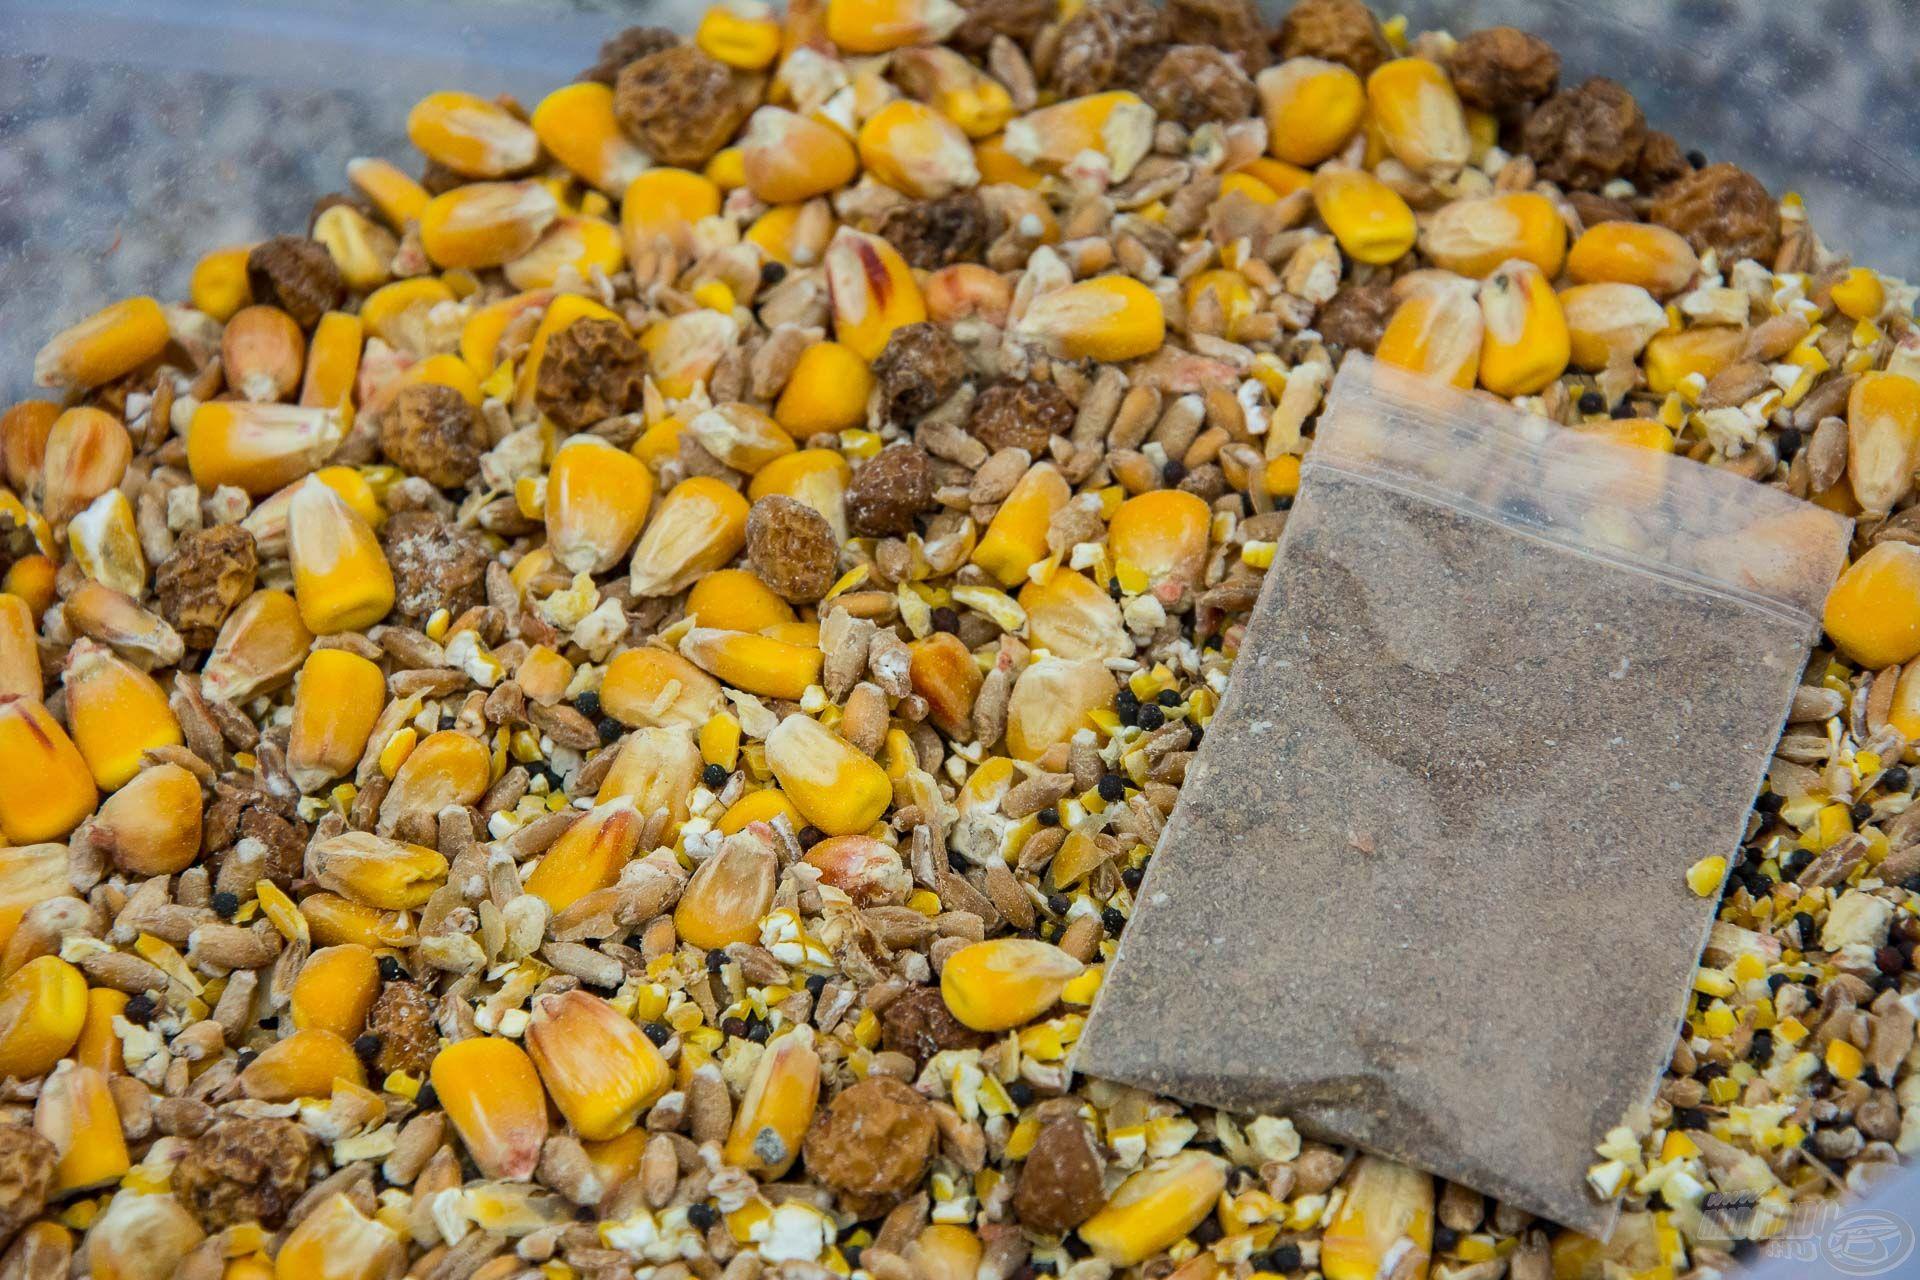 A vödörben lévő 2 kg száraz anyag bőségesen tartalmaz egész és tört szemű búzát, kukoricát, illetve tigrismogyorót és repcét, valamint az optimális mennyiségű erjesztő por is megtalálható benne!